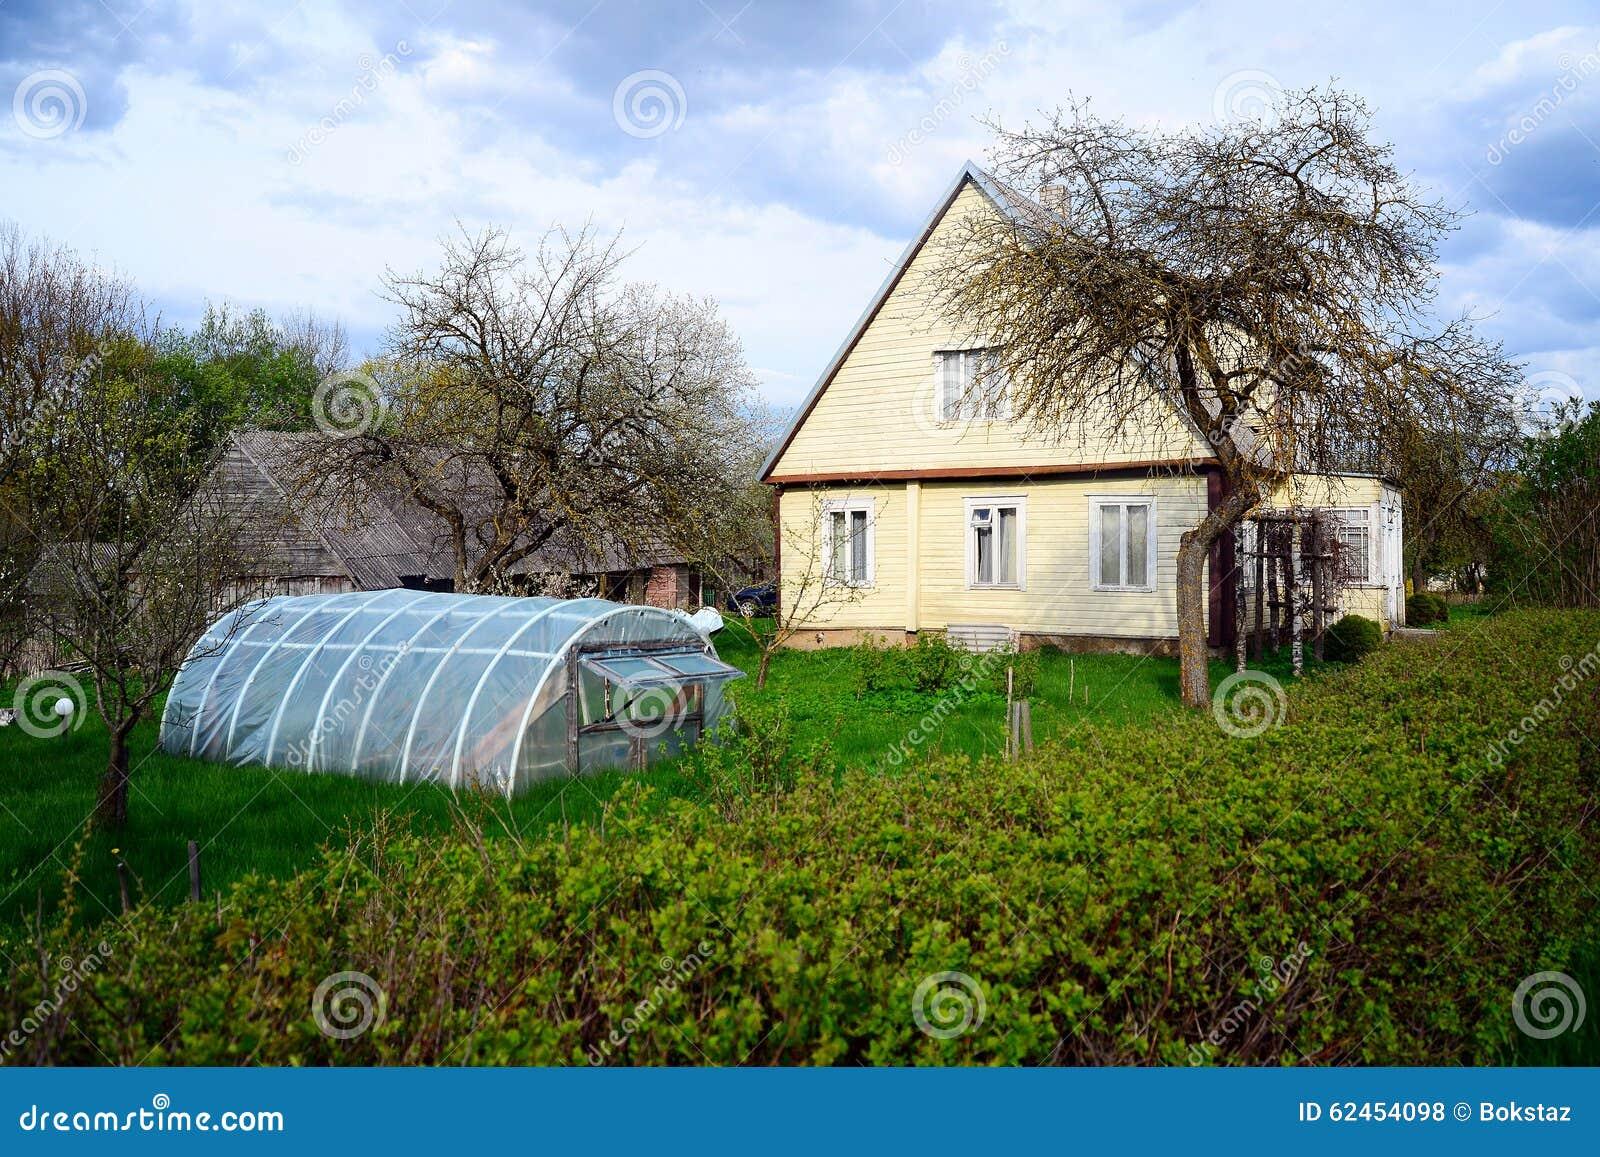 Altes Haus Und Gewachshaus In Viesintos Stadt Stockfoto Bild Von